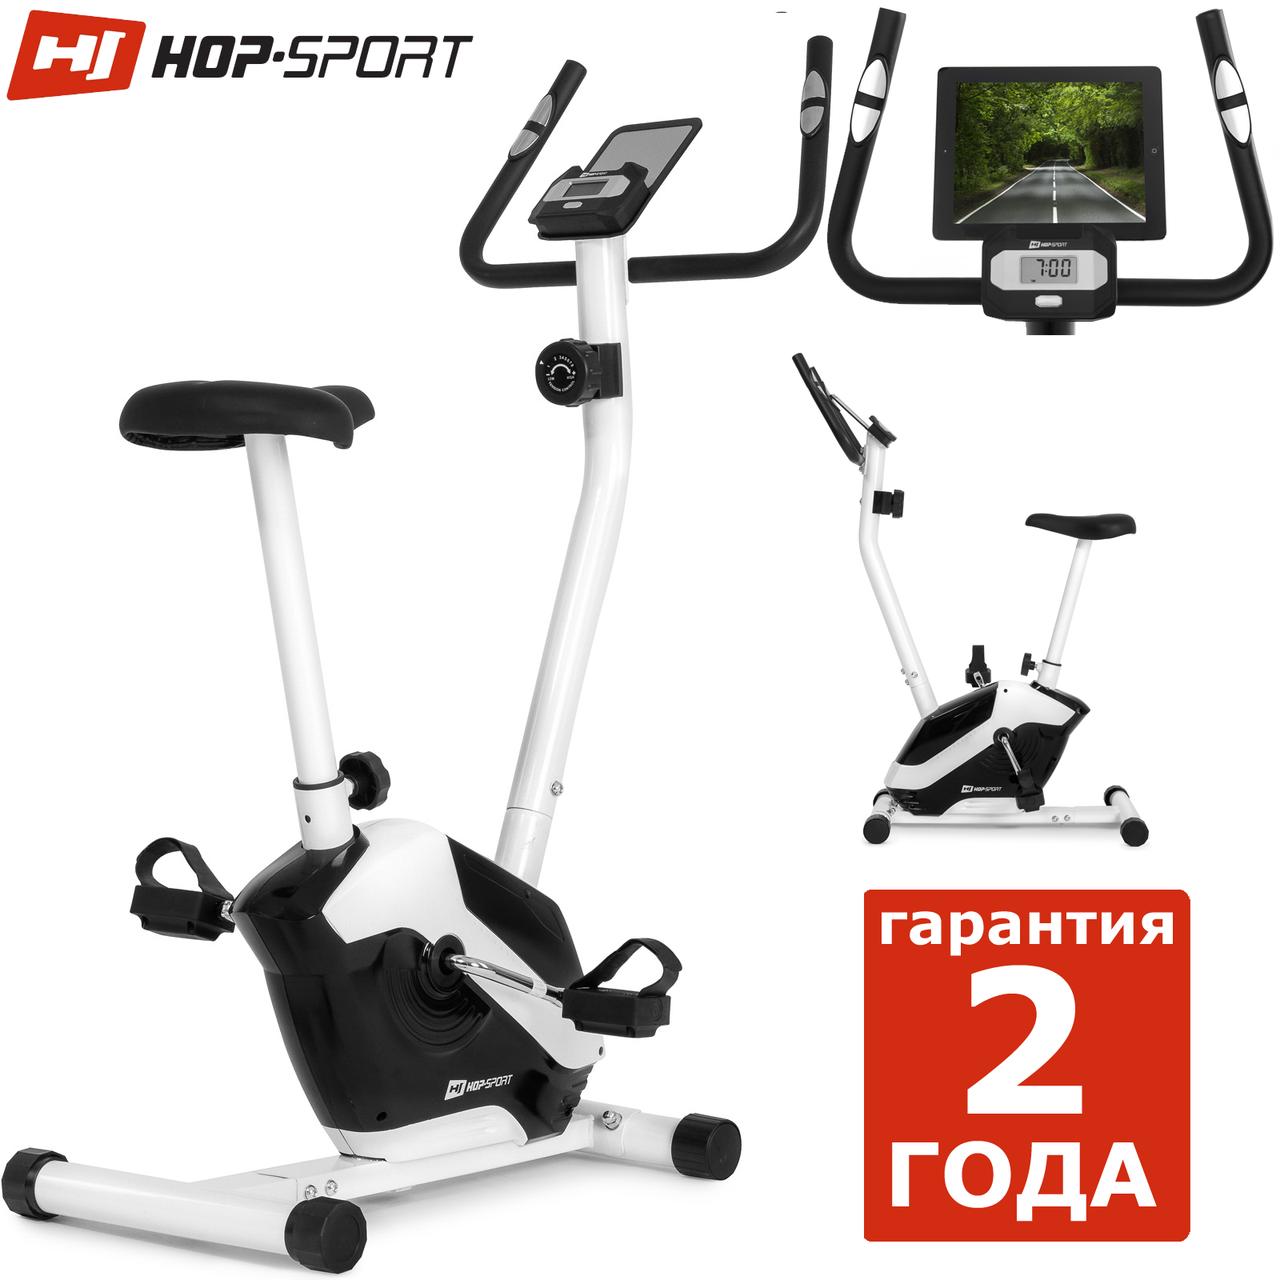 Тренажер велотренажер Hop-Sport HS-045H Eos white